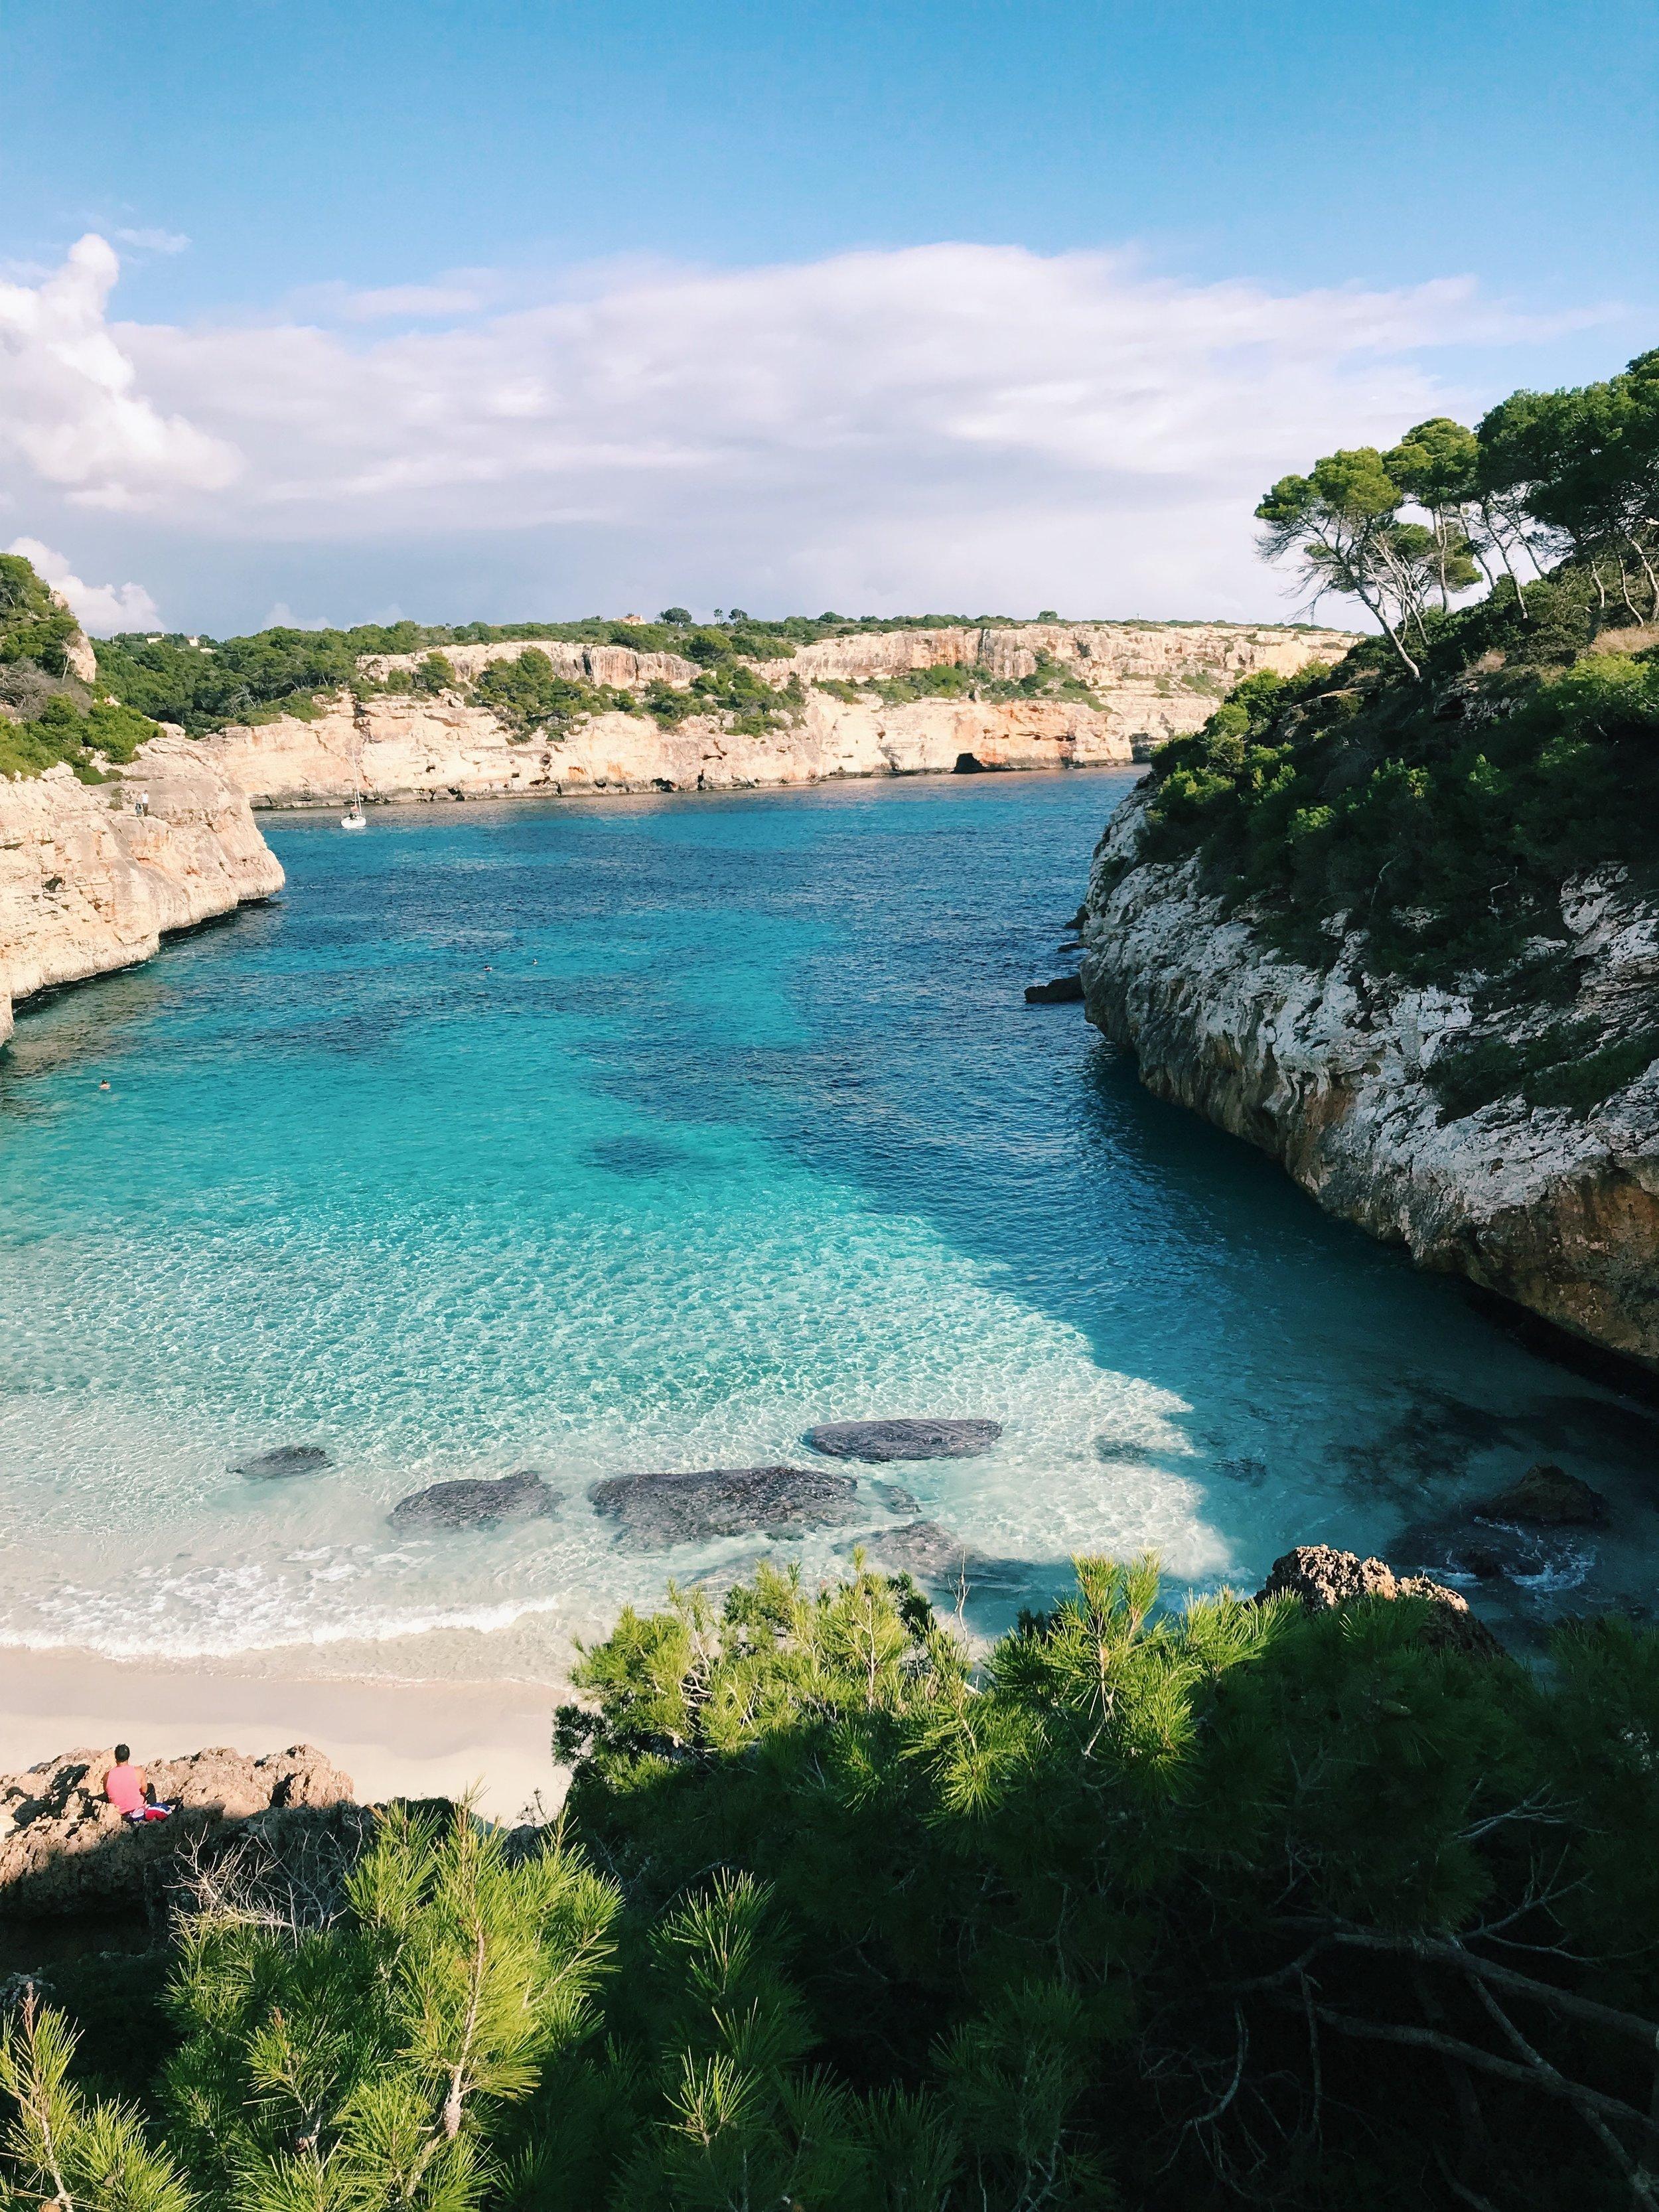 Mallorca (Majorca), Spain by Reiseuhu on Unsplash